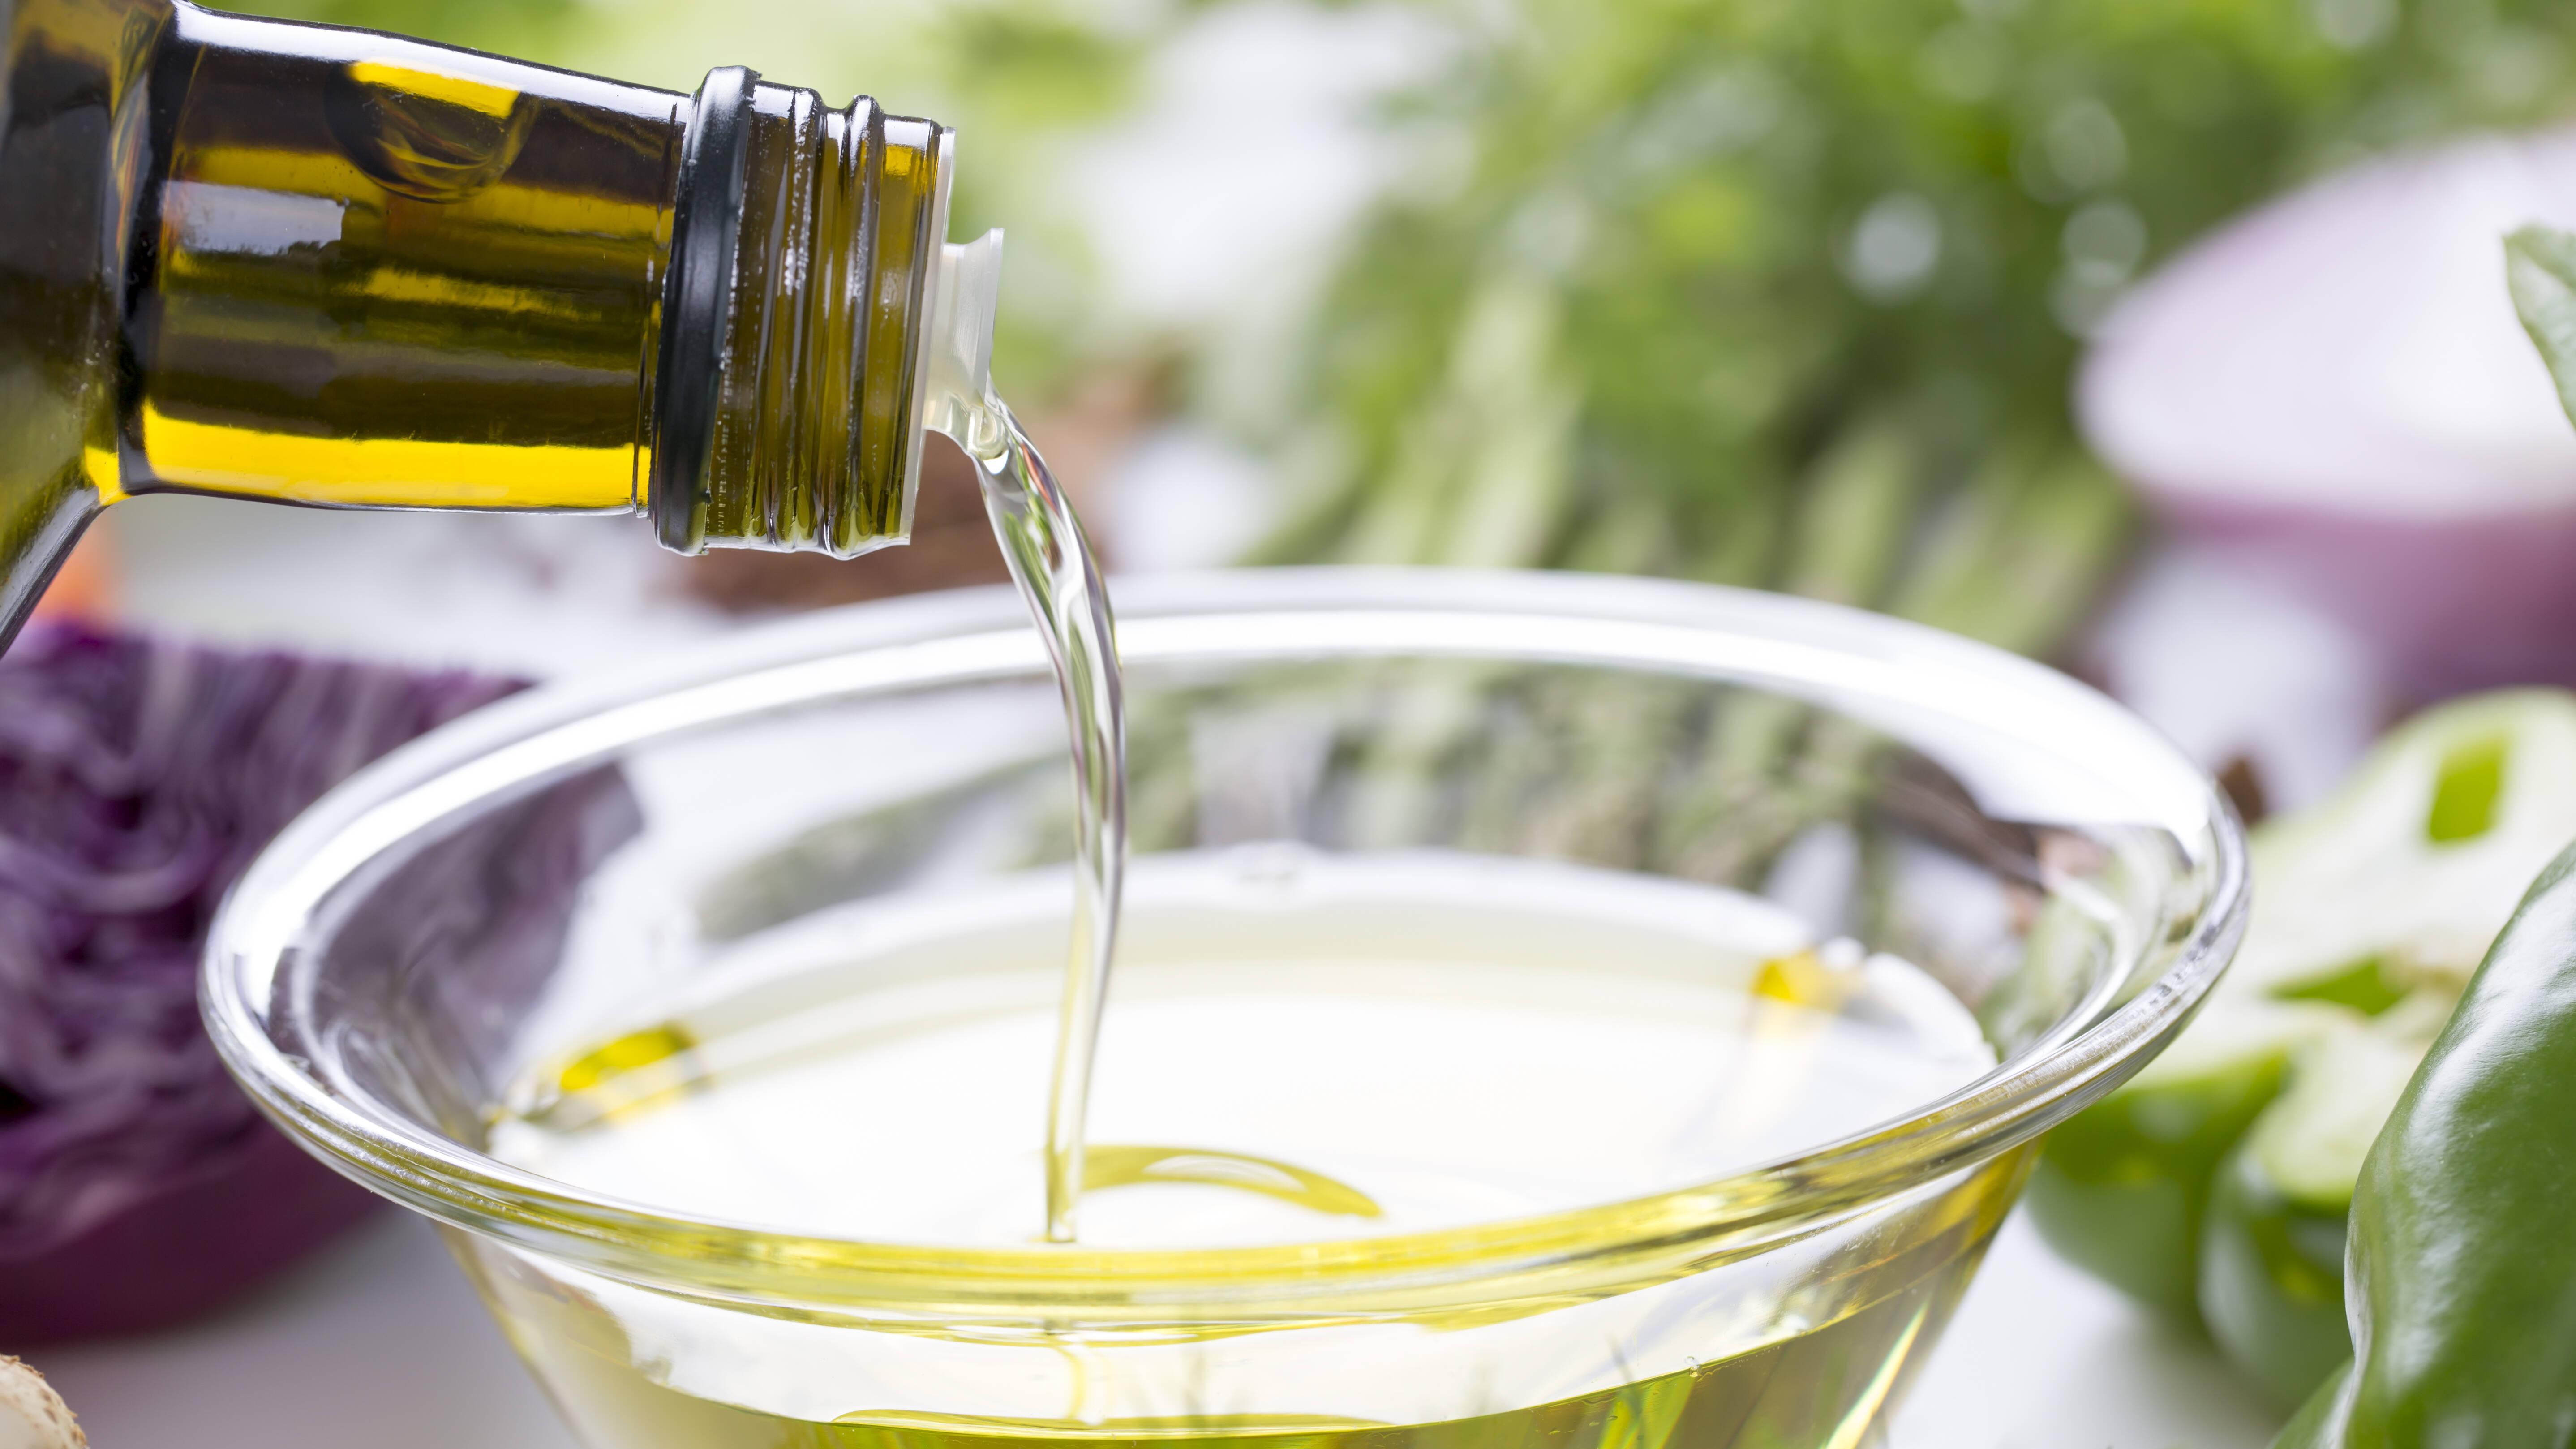 Speiseöl entsorgen - das sollten Sie beachten